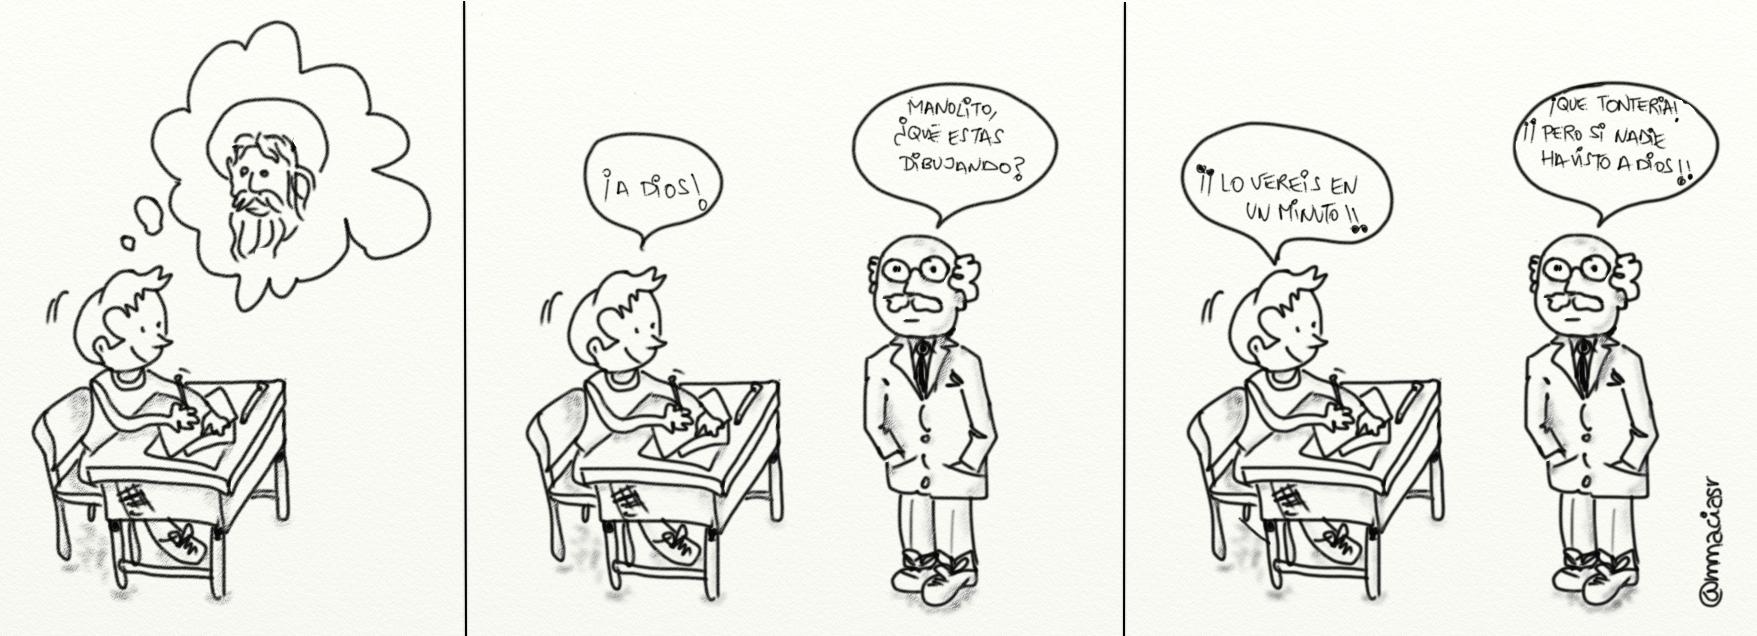 El sistema educativo actual y la creatividad